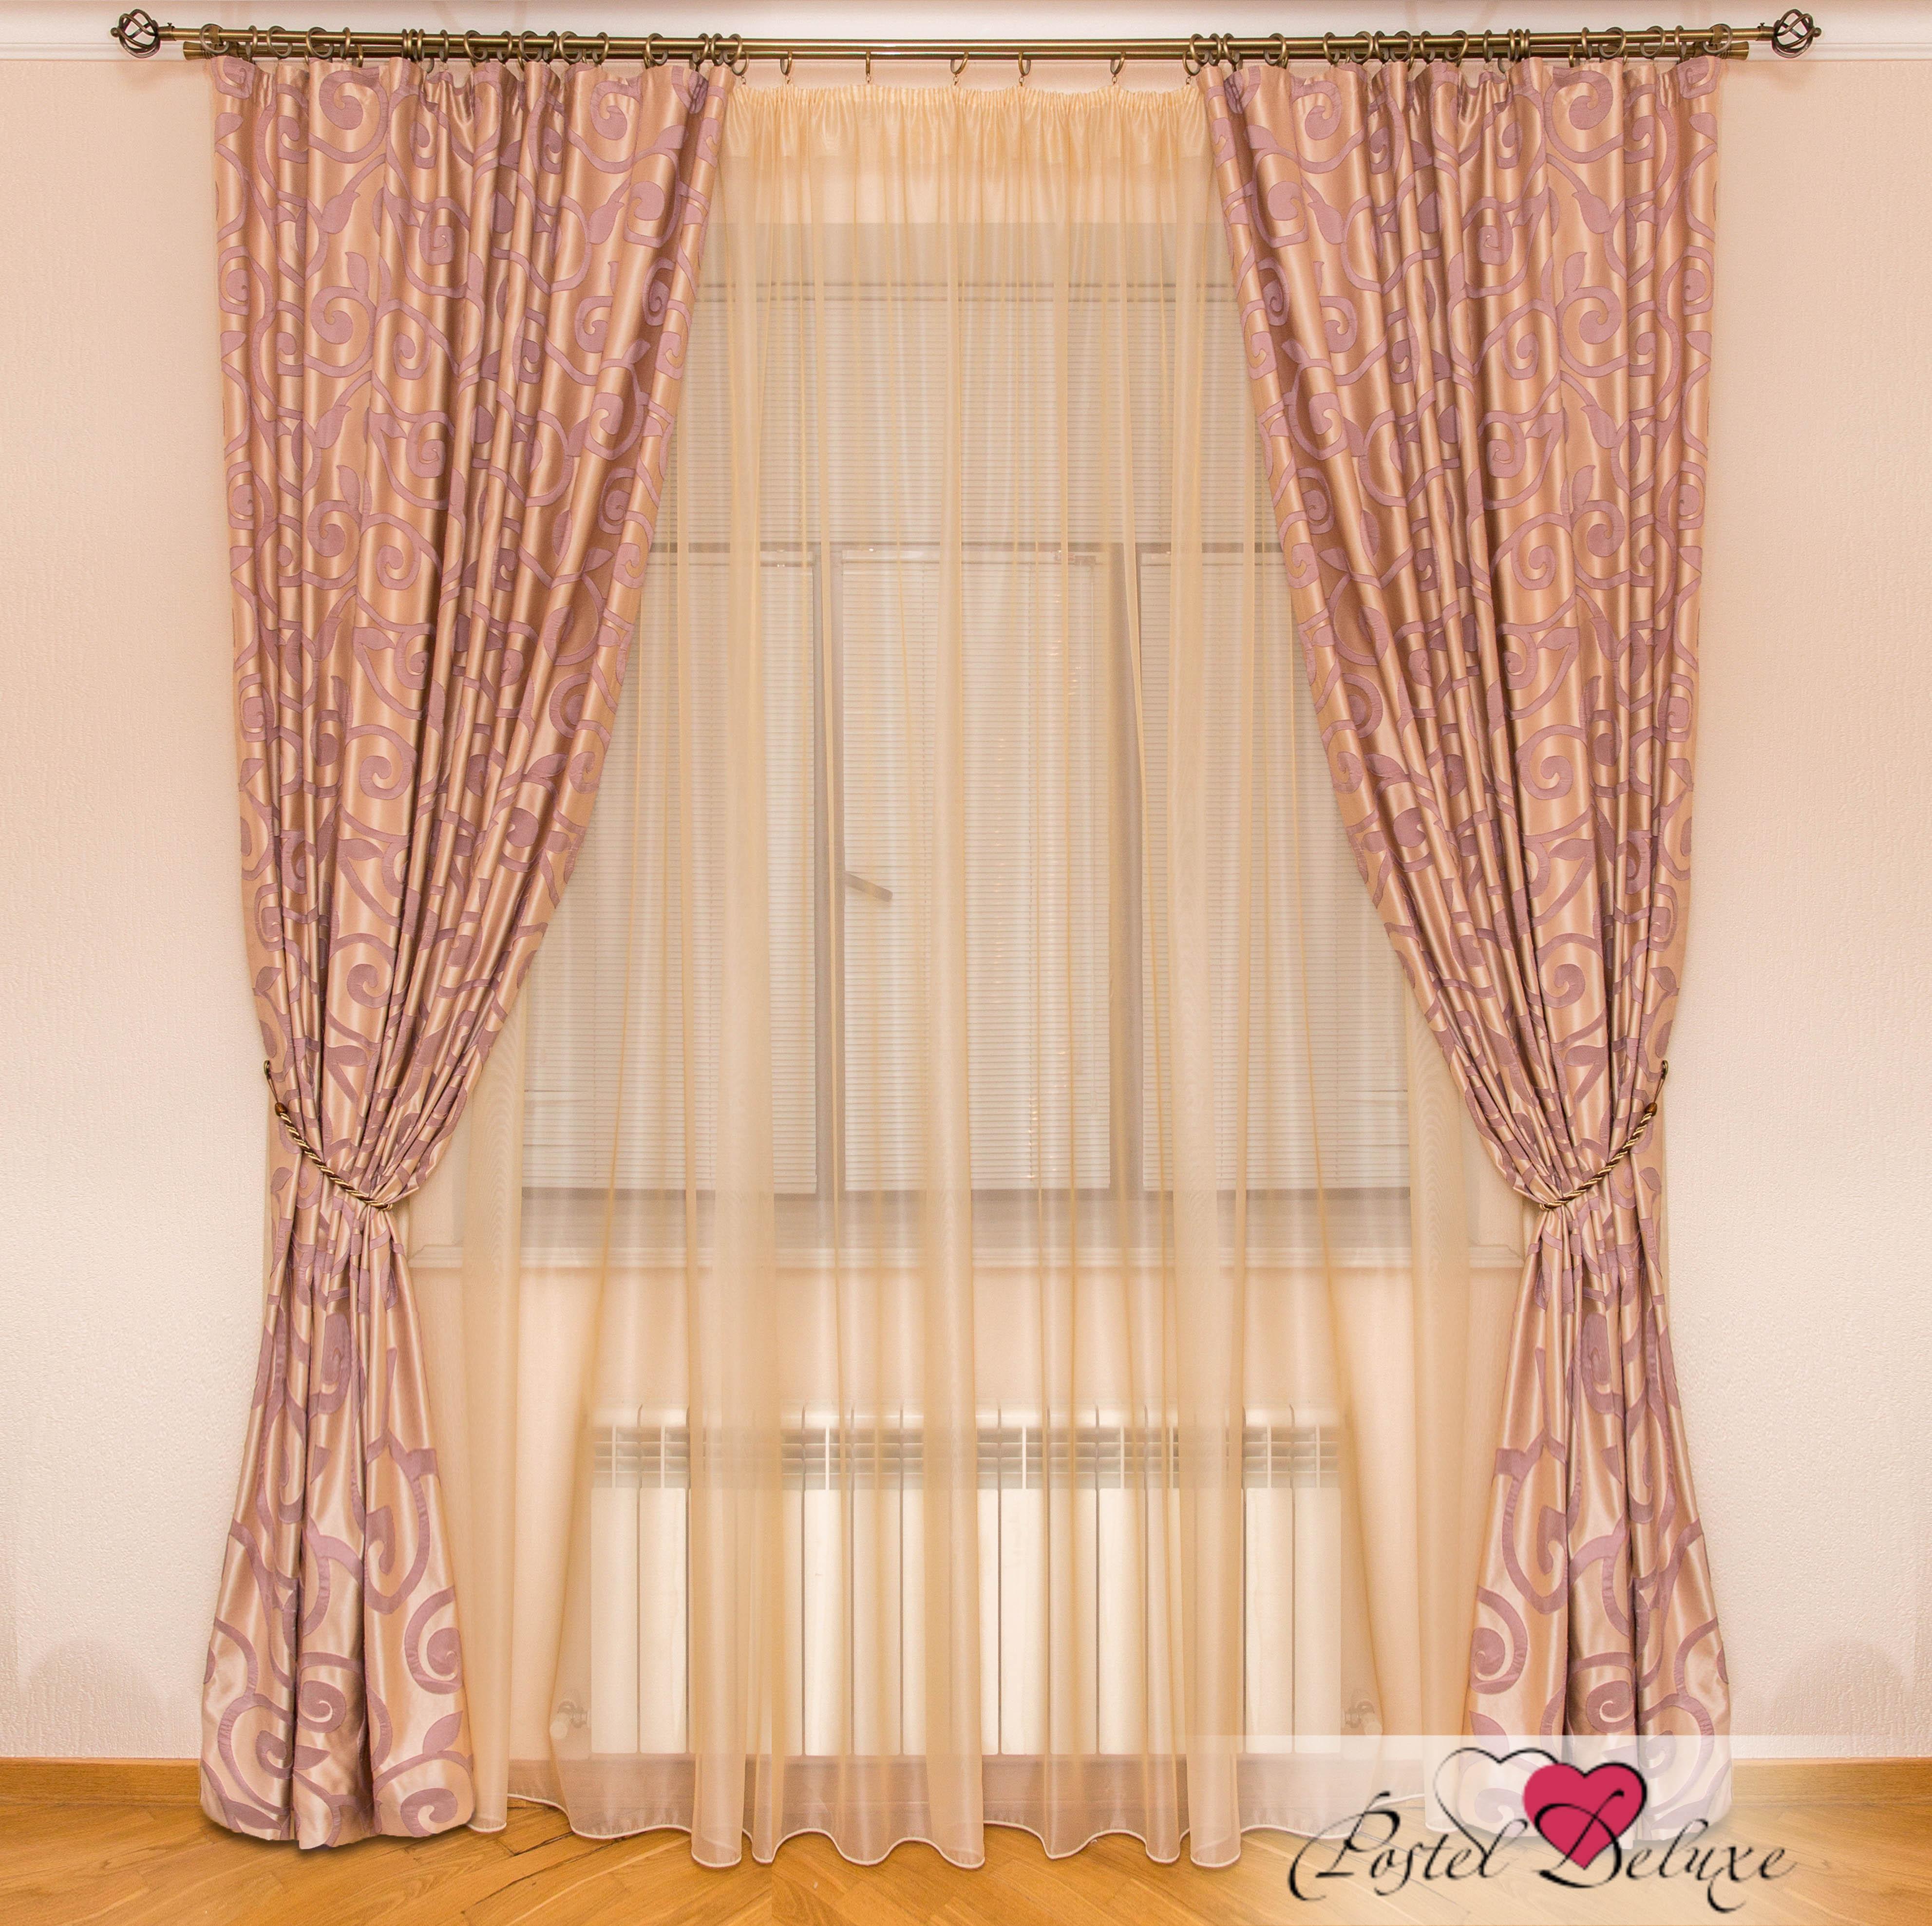 Шторы Interiotex Классические шторы Сильвия Цвет: Сиреневый шторы tac классические шторы winx цвет персиковый 200x265 см